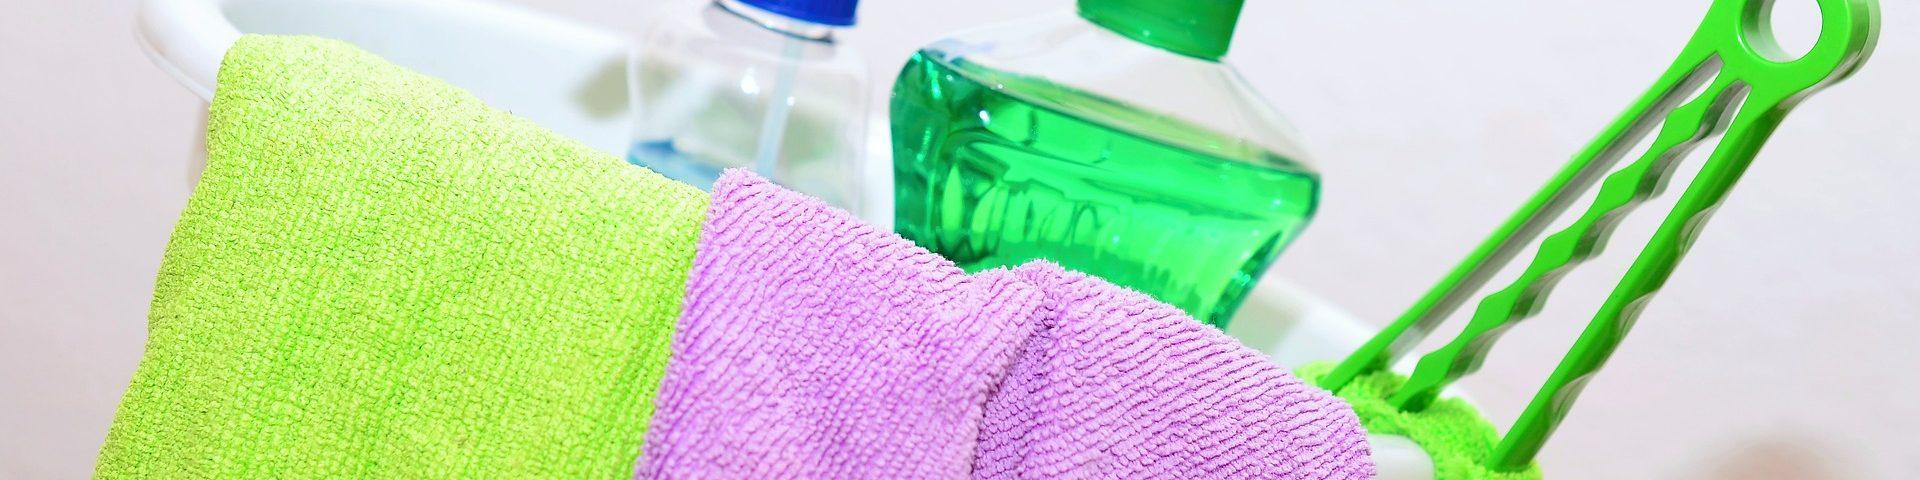 Produkte selber herstellen, Reinigungsmittel, Kosmetika